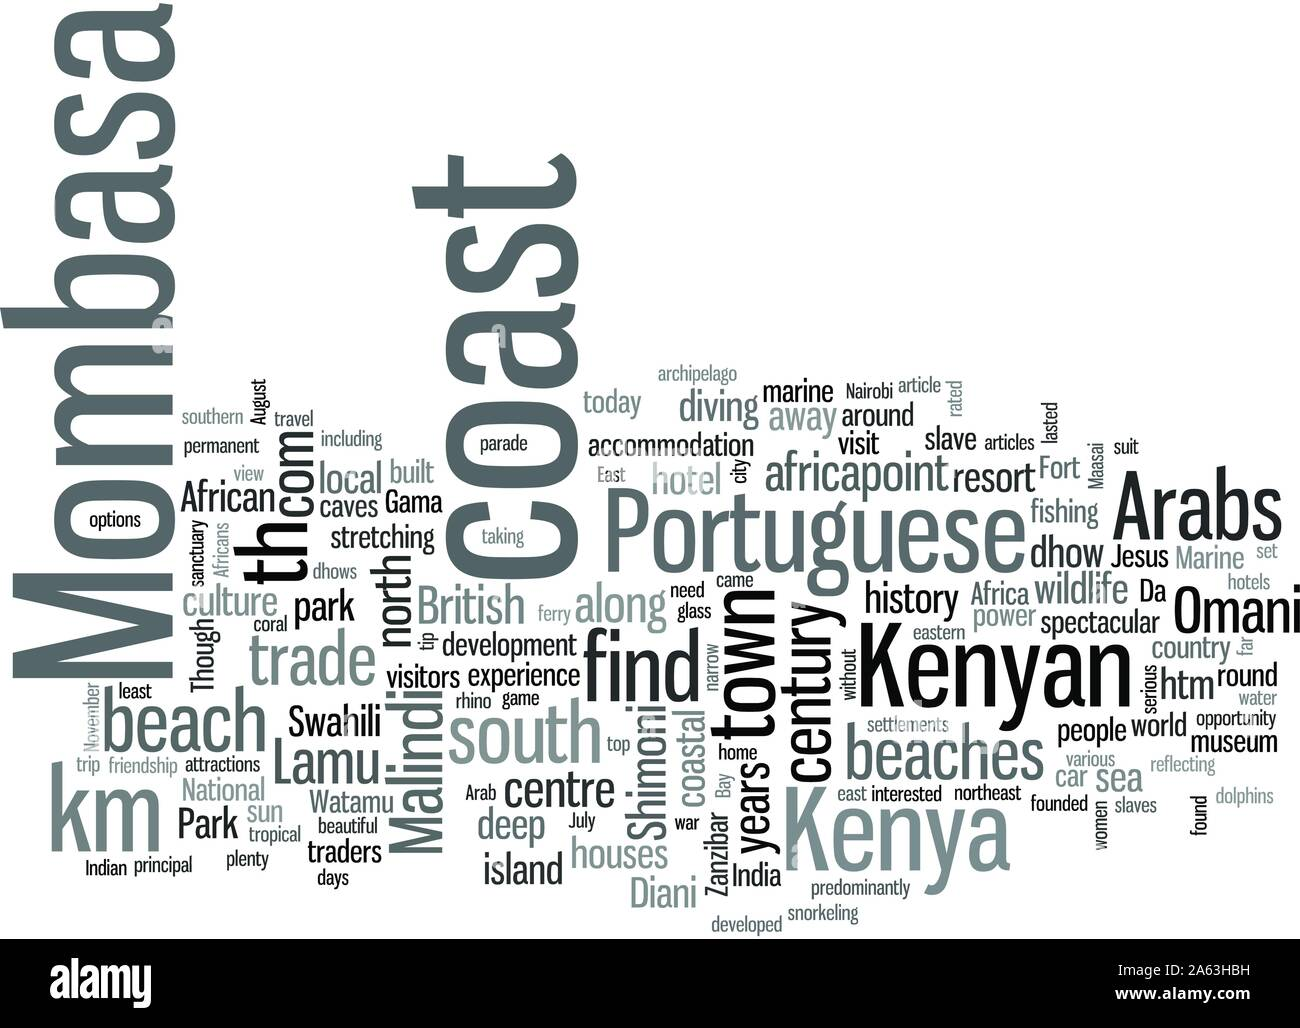 Mombasa the Kenyan Coast Where the Sun is Ever Faithful Stock Vector